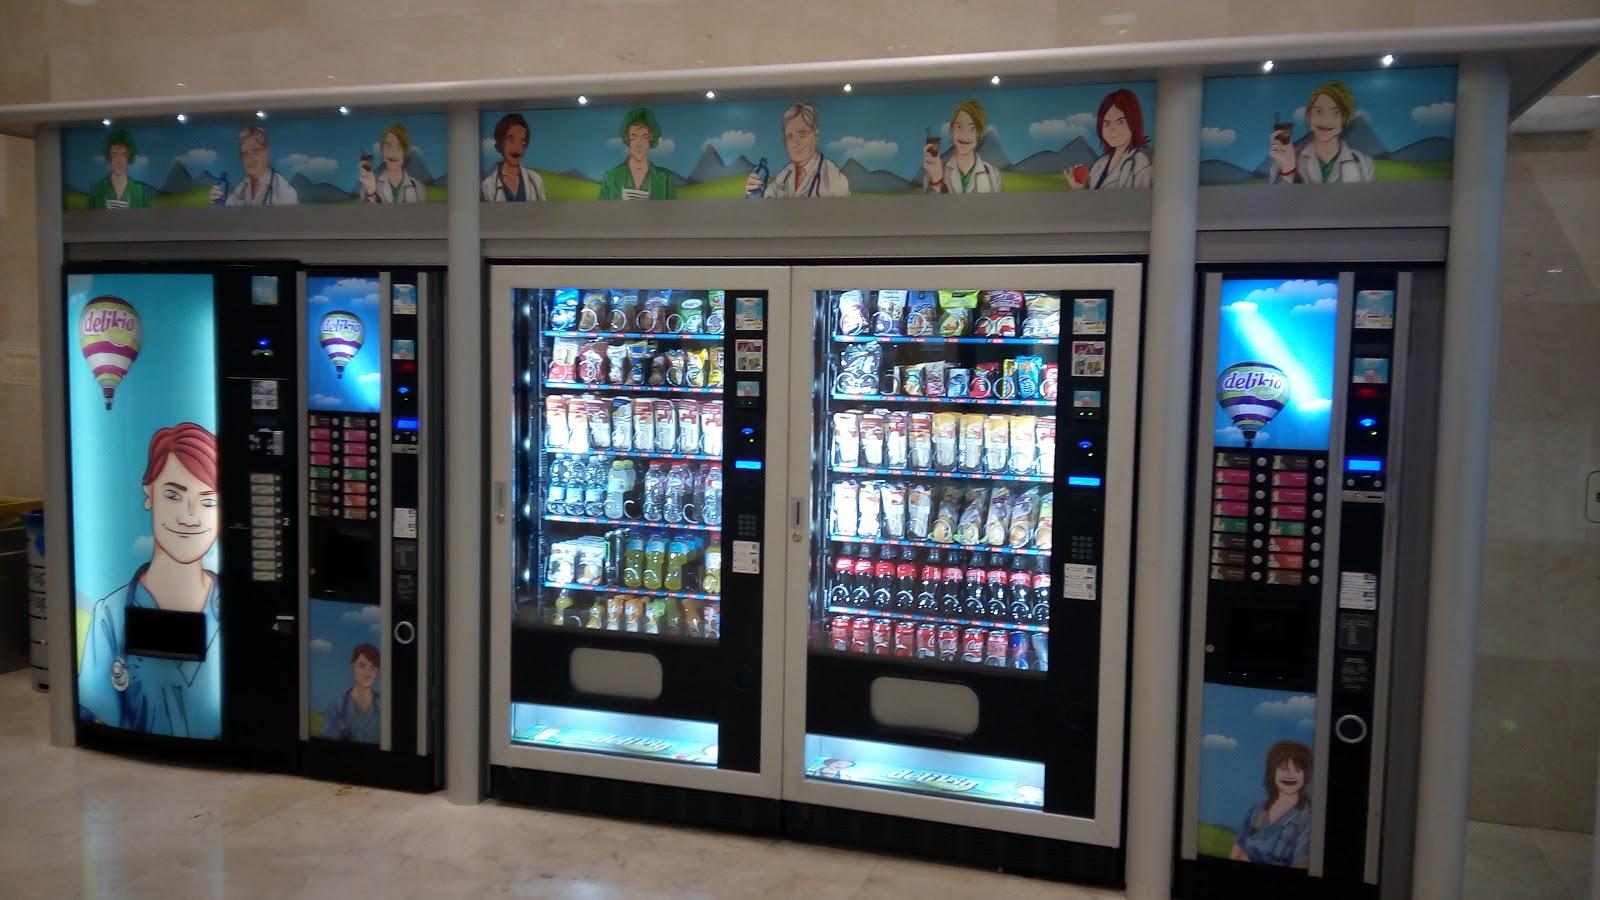 A tu salud pueden las m quinas de vending ofrecer alimentos y bebidas saludables - Maquinas expendedoras de alimentos y bebidas ...